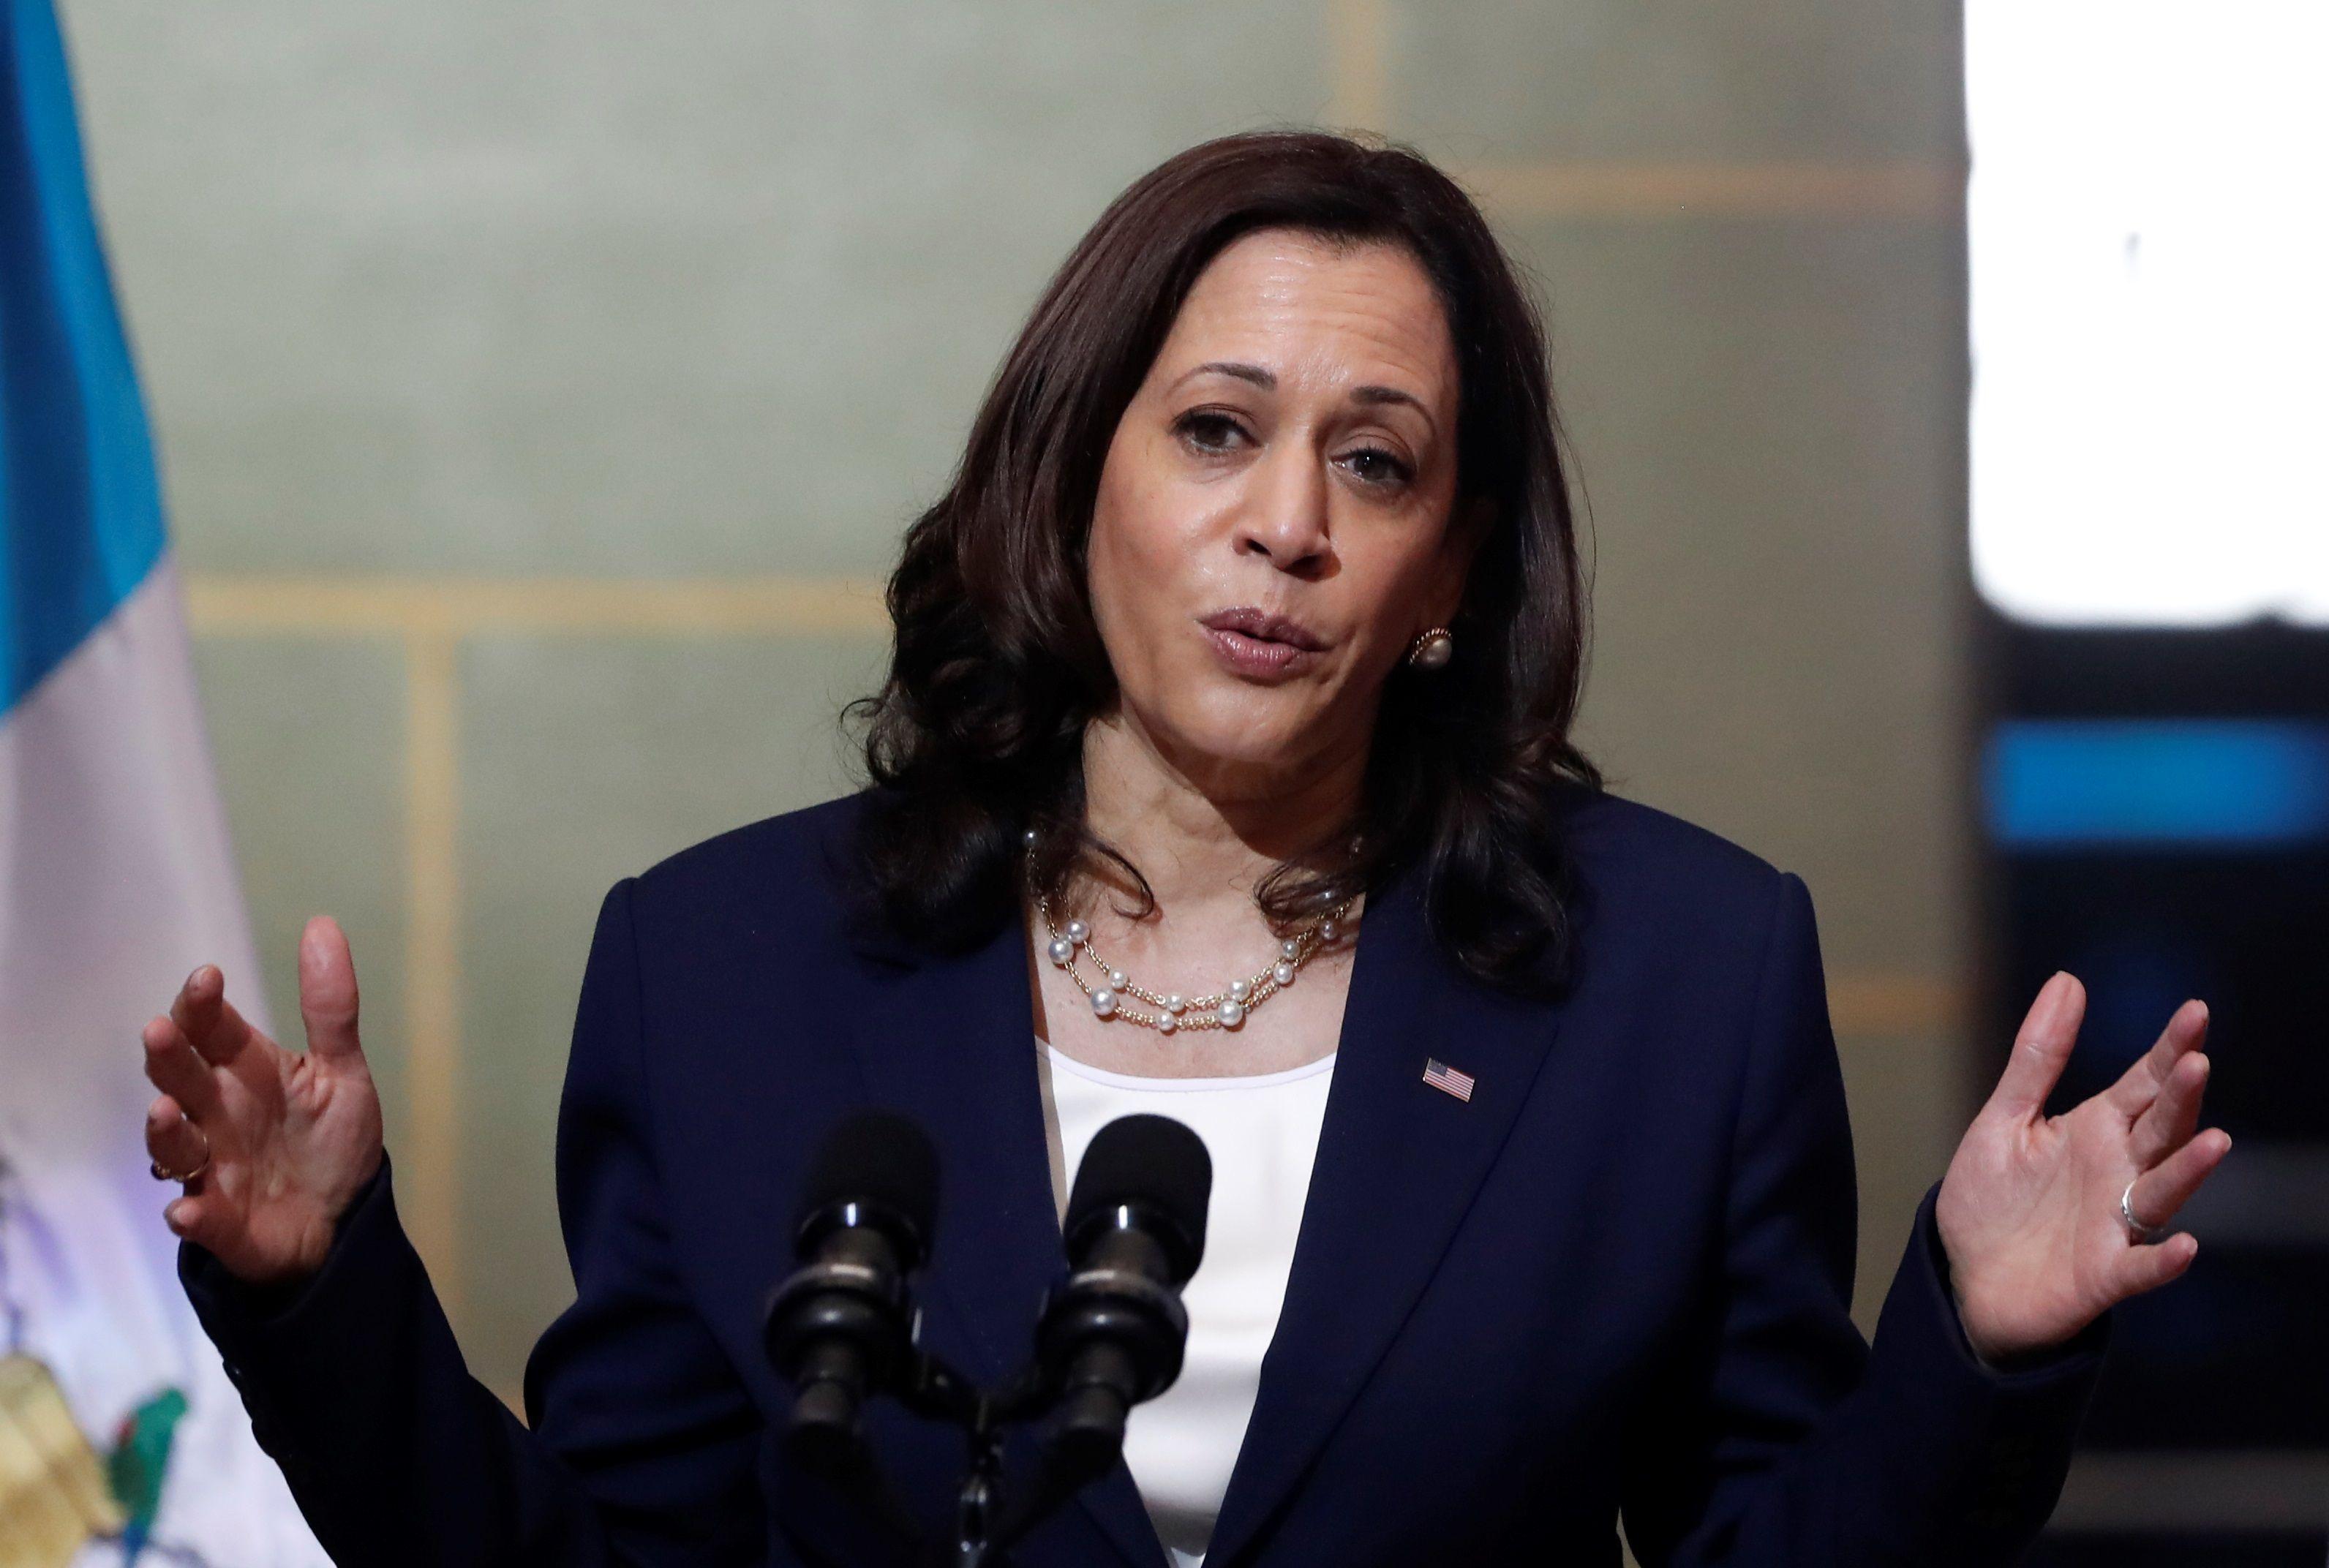 La vicepresidenta de Estados Unidos, Kamala Harris. EFE/Esteban Biba